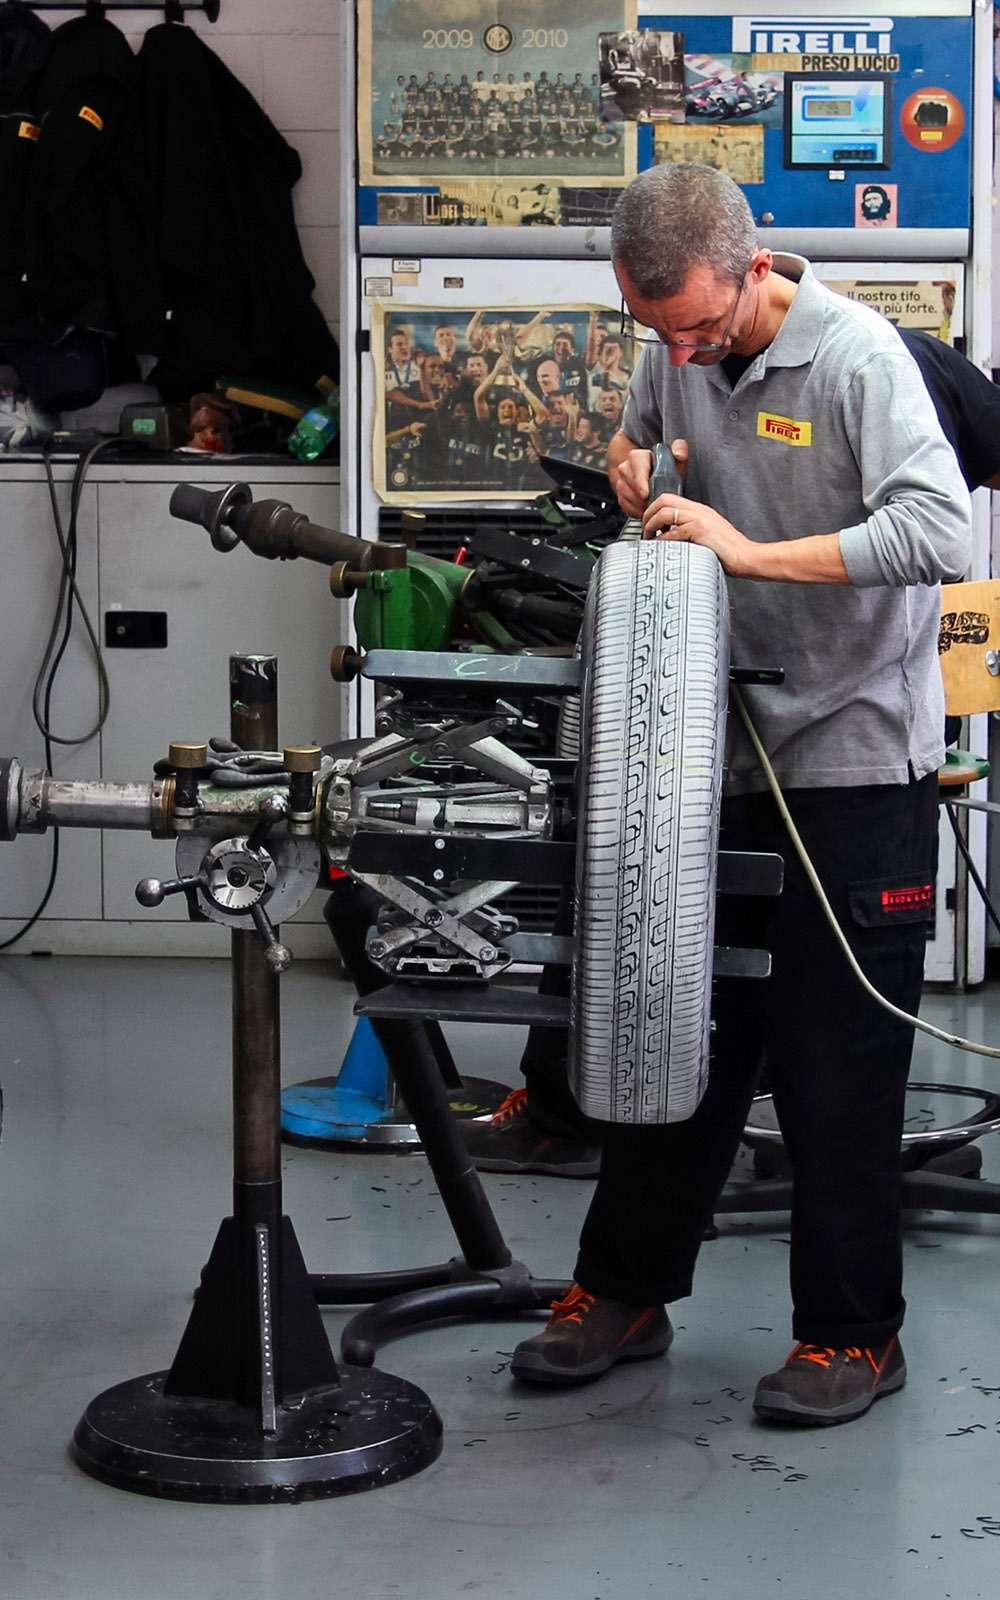 Черная кухня: как делают автомобильные шины— фото 679398